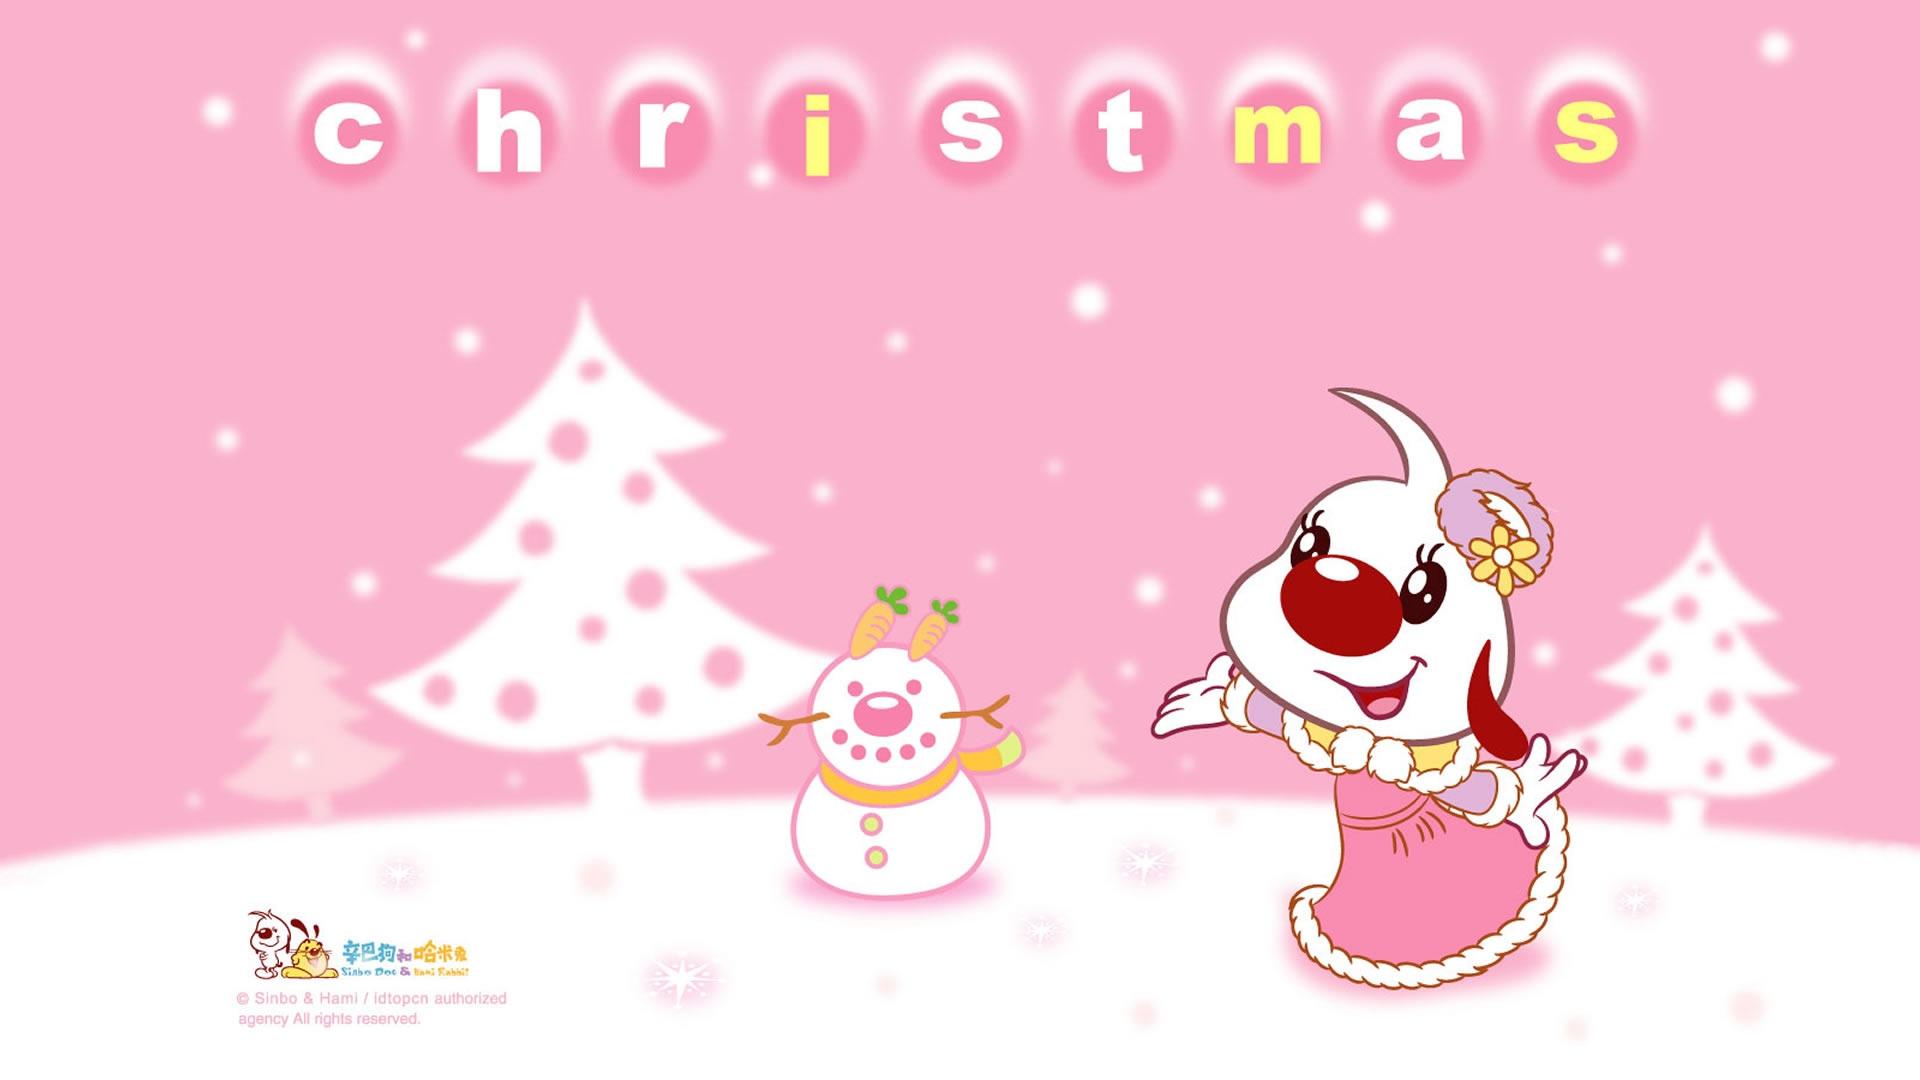 辛巴狗与哈米兔欢乐过圣诞ppt背景图片  上一页:美国动画片《海绵宝宝